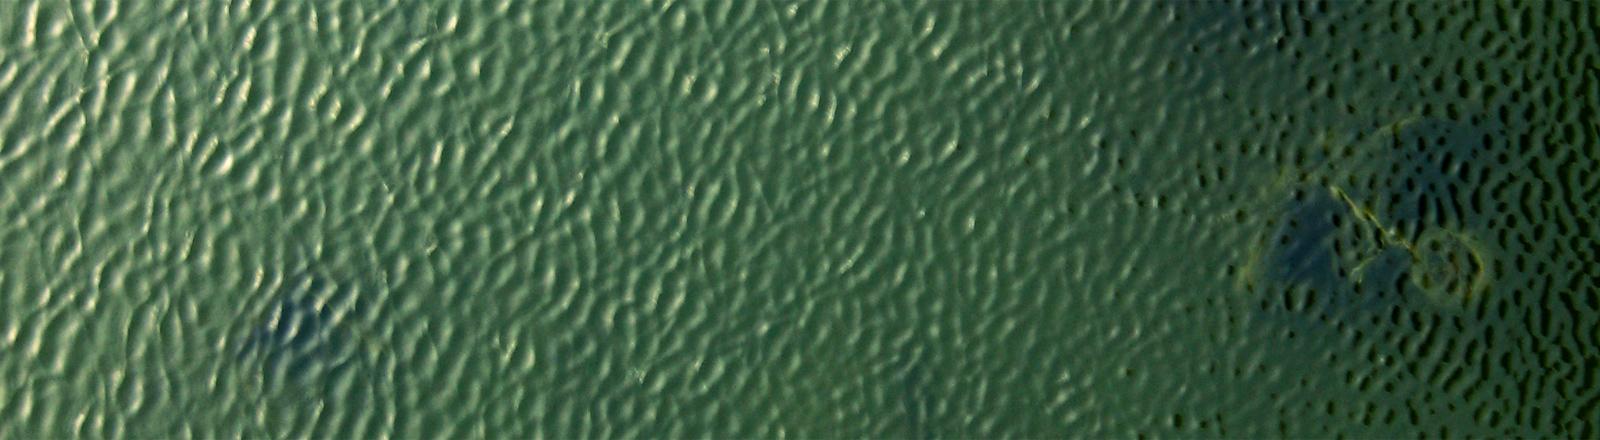 Satellitenaufnahme der Meeresoberfläche, unter der sich etwas verbirgt.